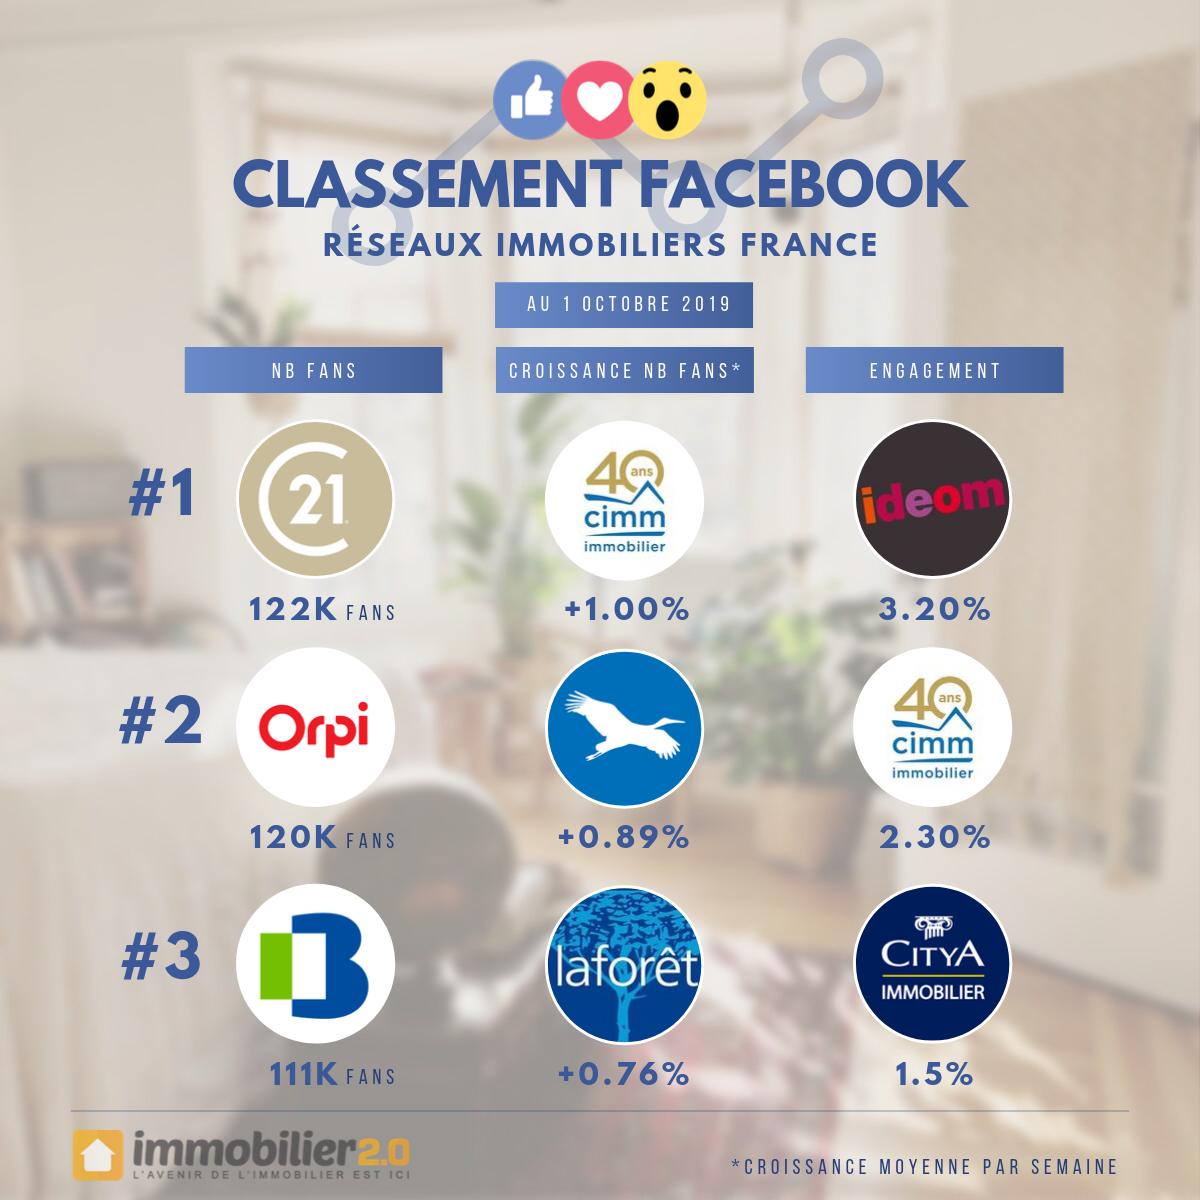 Classement Facebook Reseaux Immobiliers France Octobre 2019